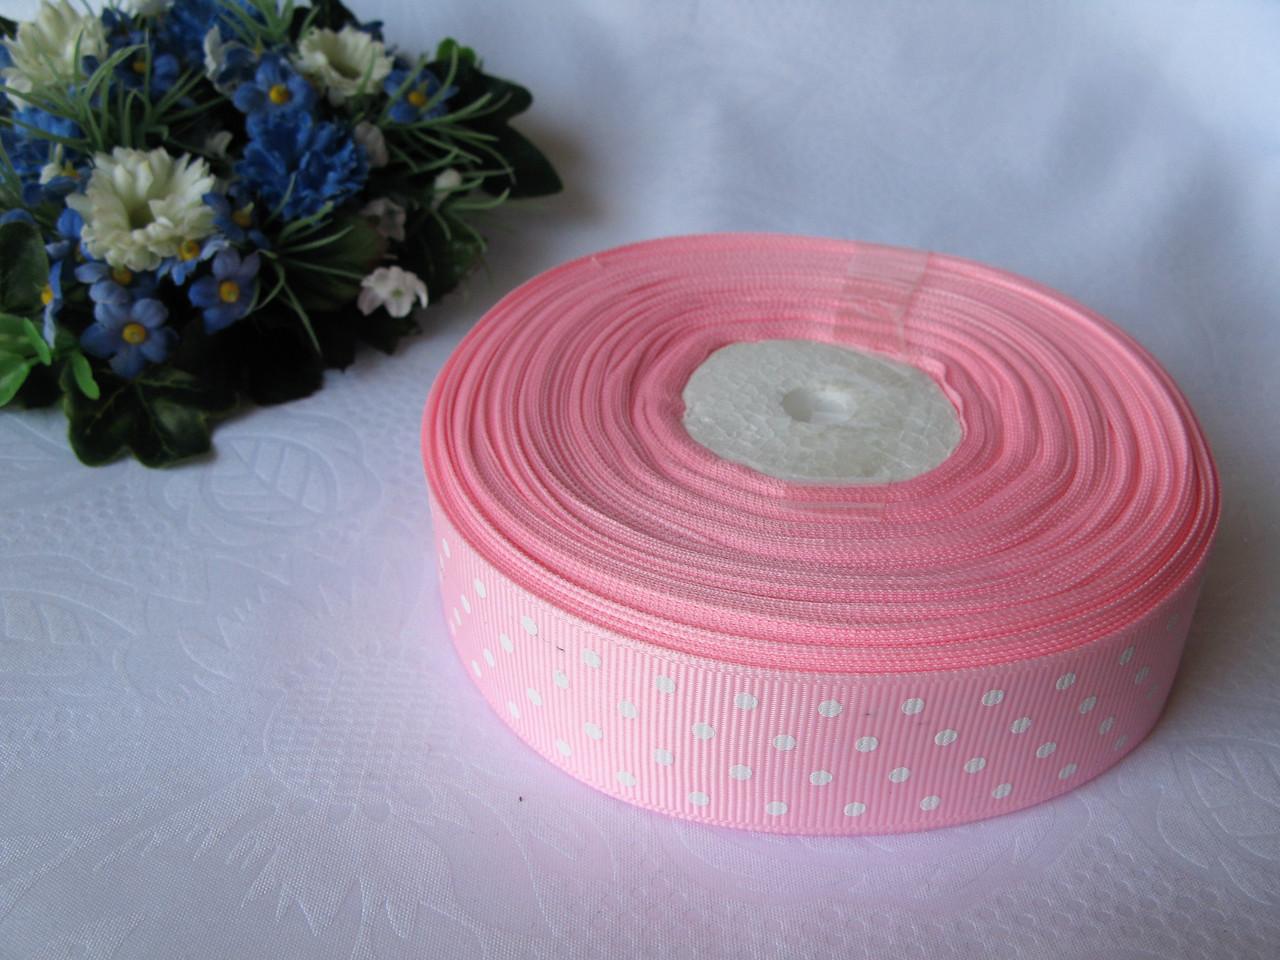 Репсовая лента в горох на метраж. Цвет розовый.  Ширина 2.5 см